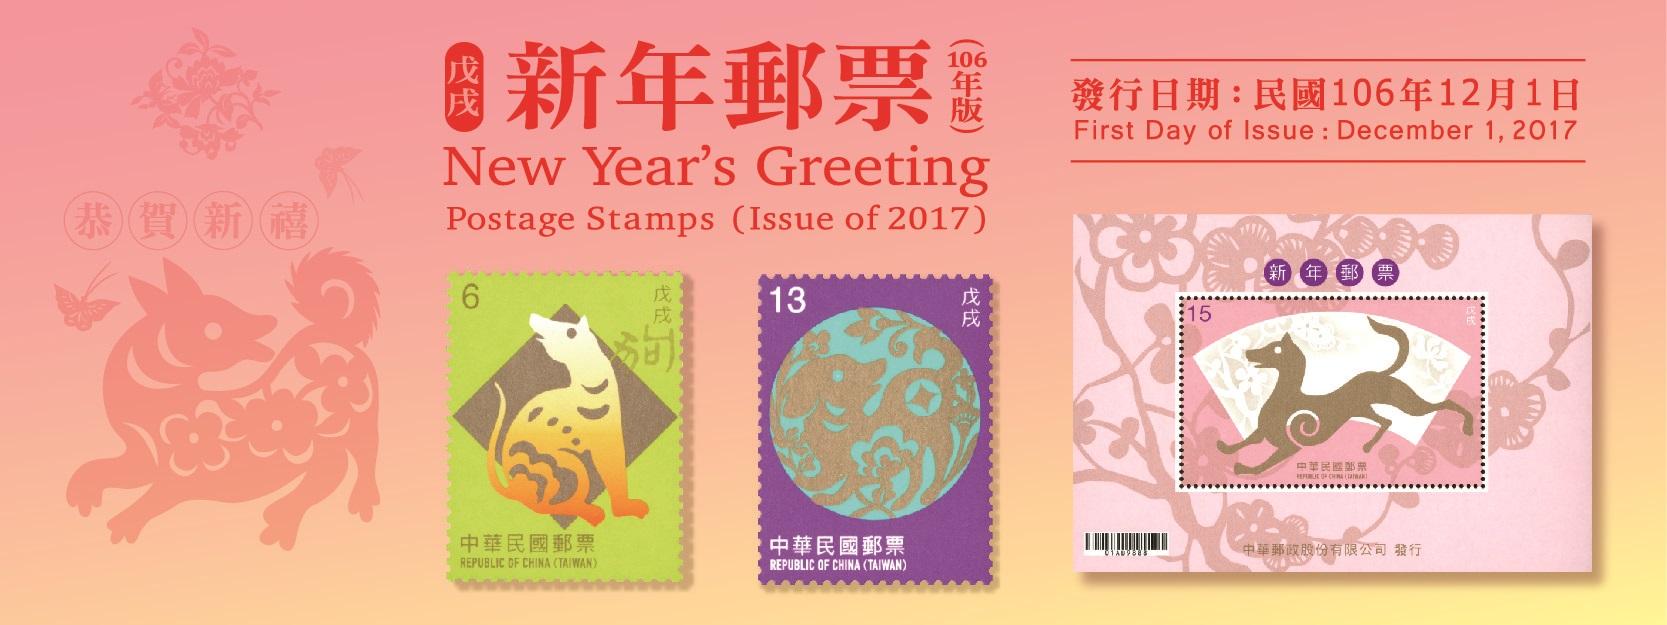 廣告連結:特659 新年郵票(106年版)